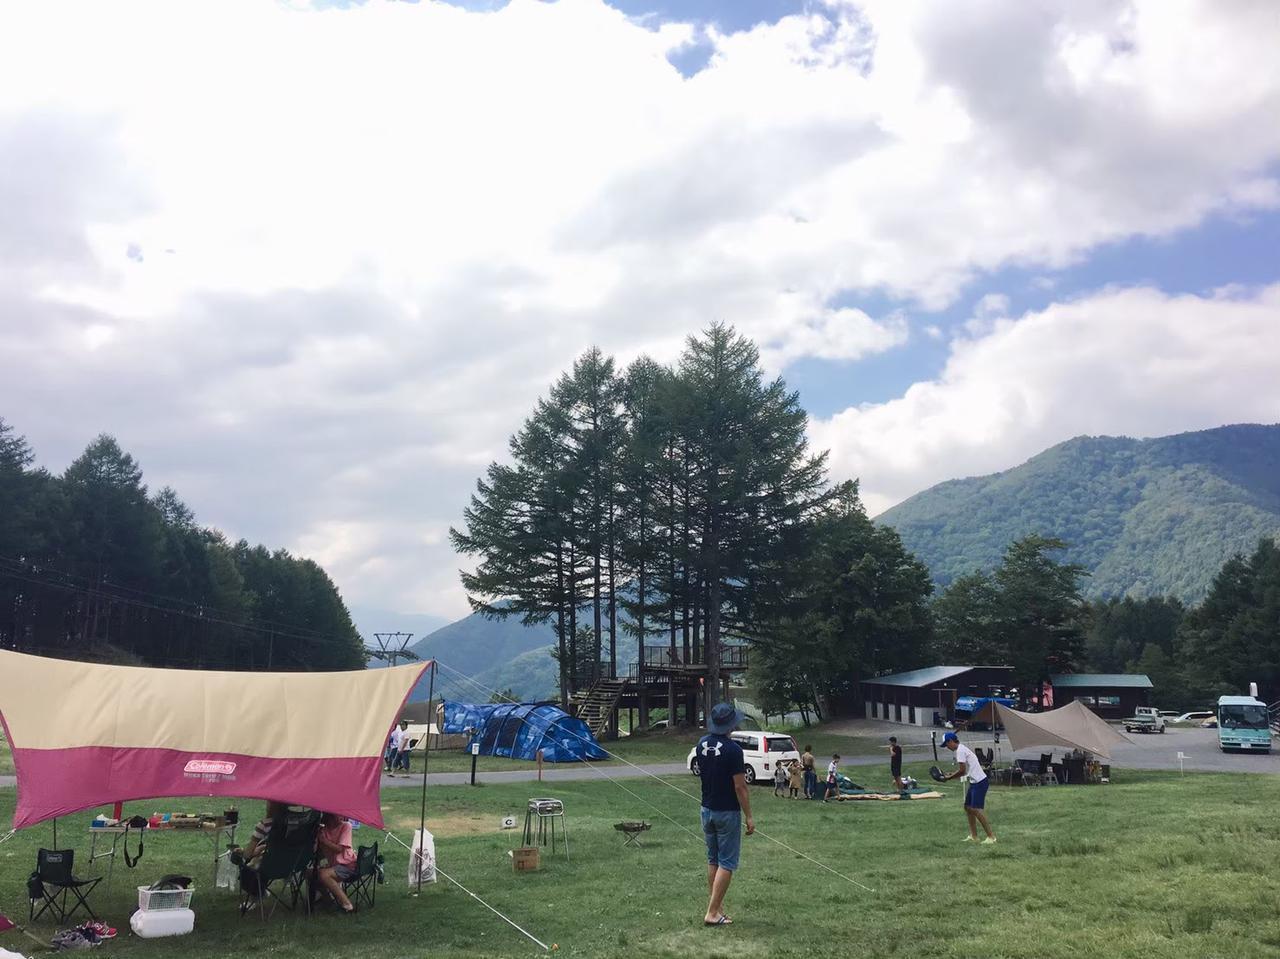 画像: 【おすすめキャンプ場34】夏のスキー場で涼しく高原キャンプ!「丸沼高原オートキャンプ場」 - ハピキャン(HAPPY CAMPER)